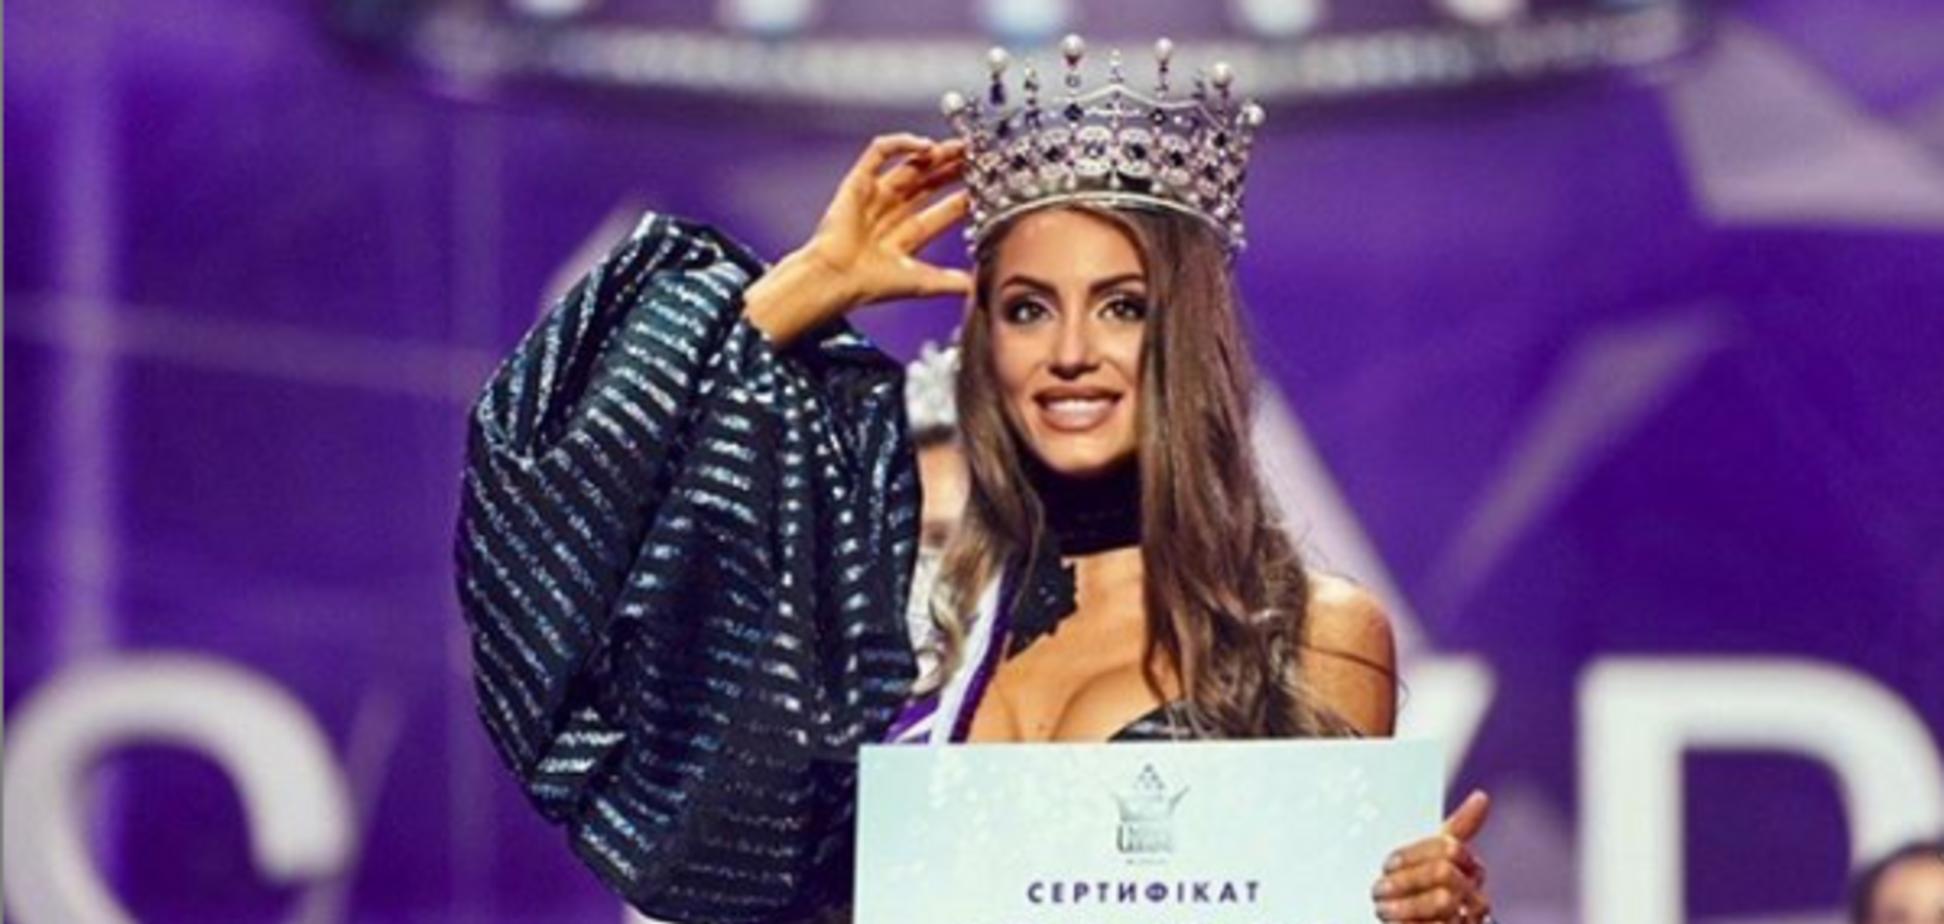 'Міс Україна 2019' виявилася уродженкою Росії